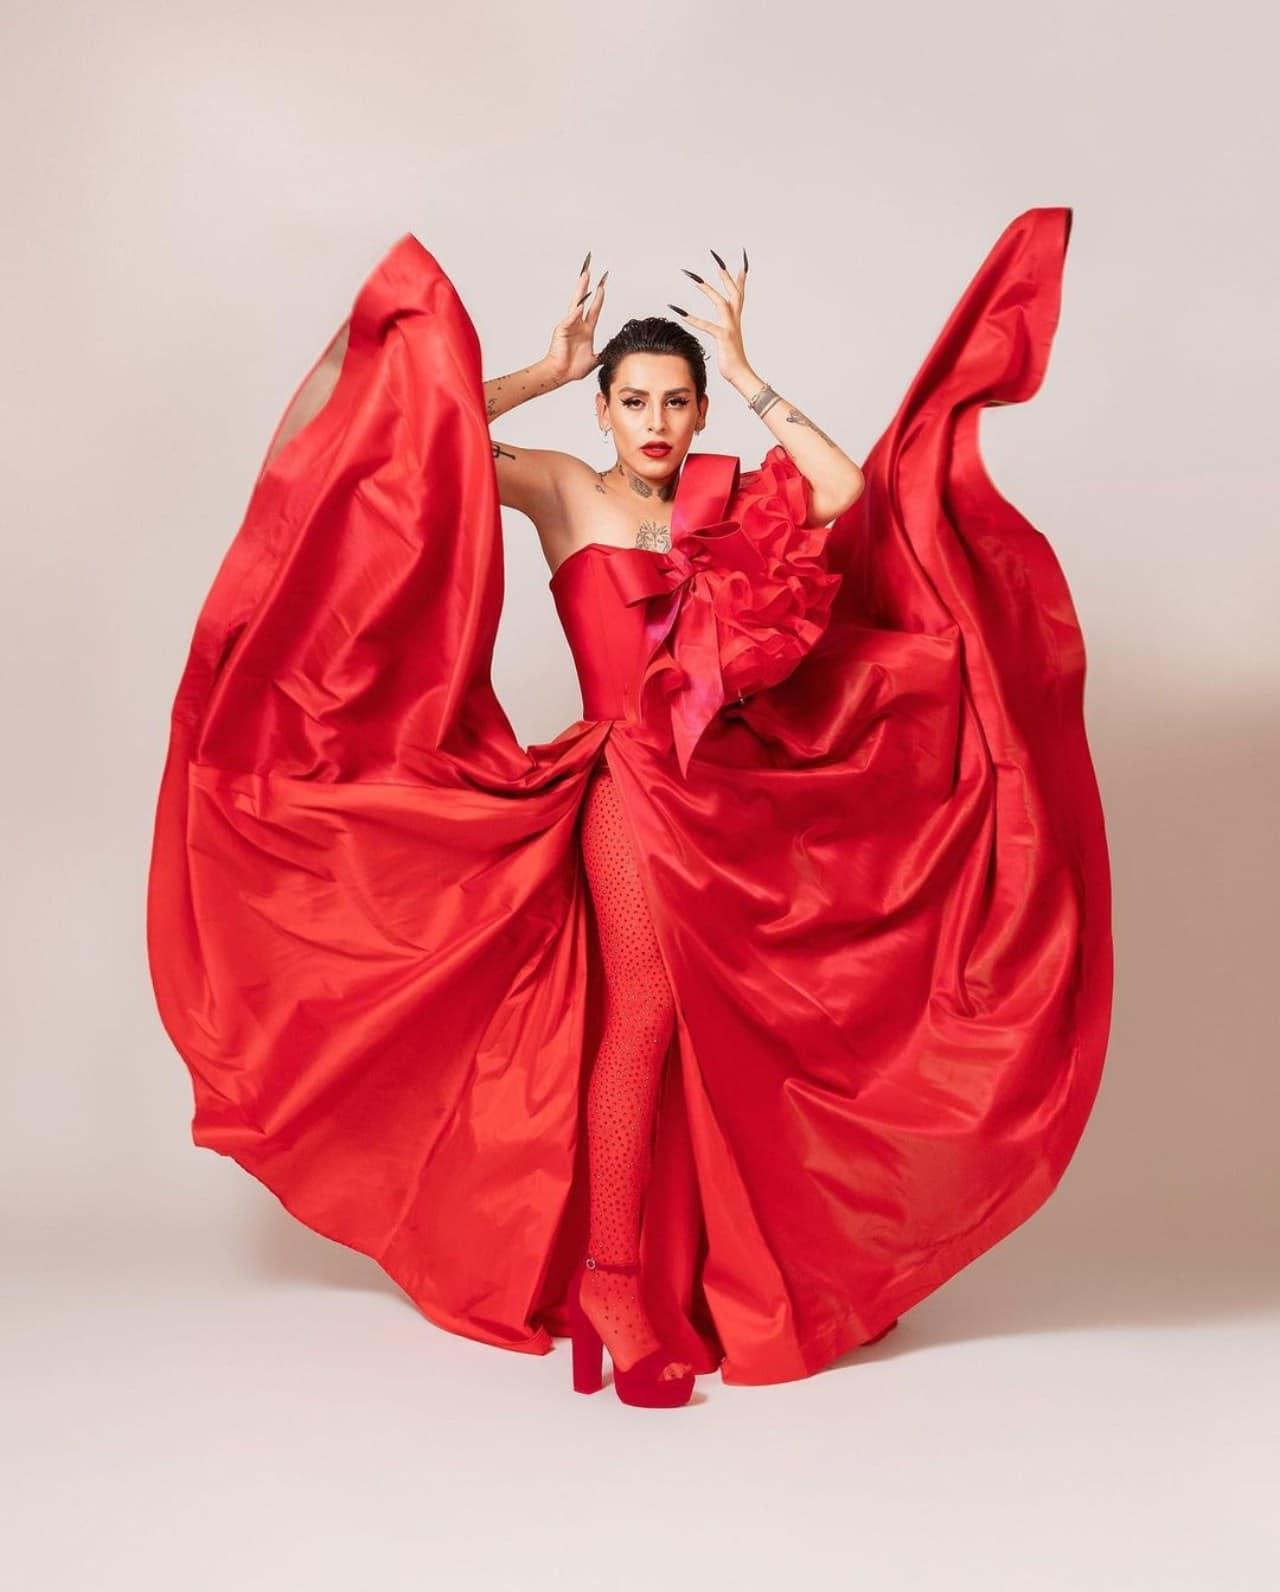 Kunno con vestido de Benito Santos